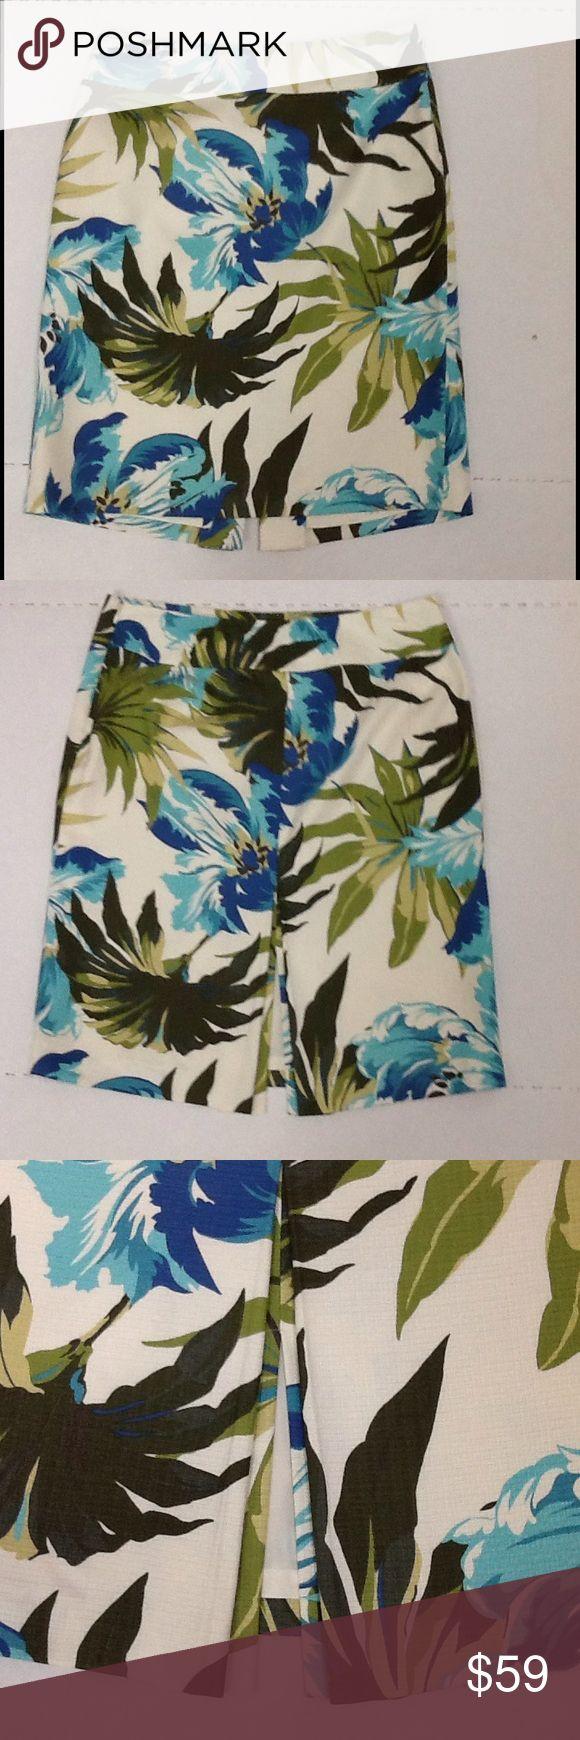 Tropical Skirt size 8 Ann Taylor Loft Career Lined skirt with side zipper by Ann Taylor Loft. Ann Taylor Loft Skirts A-Line or Full